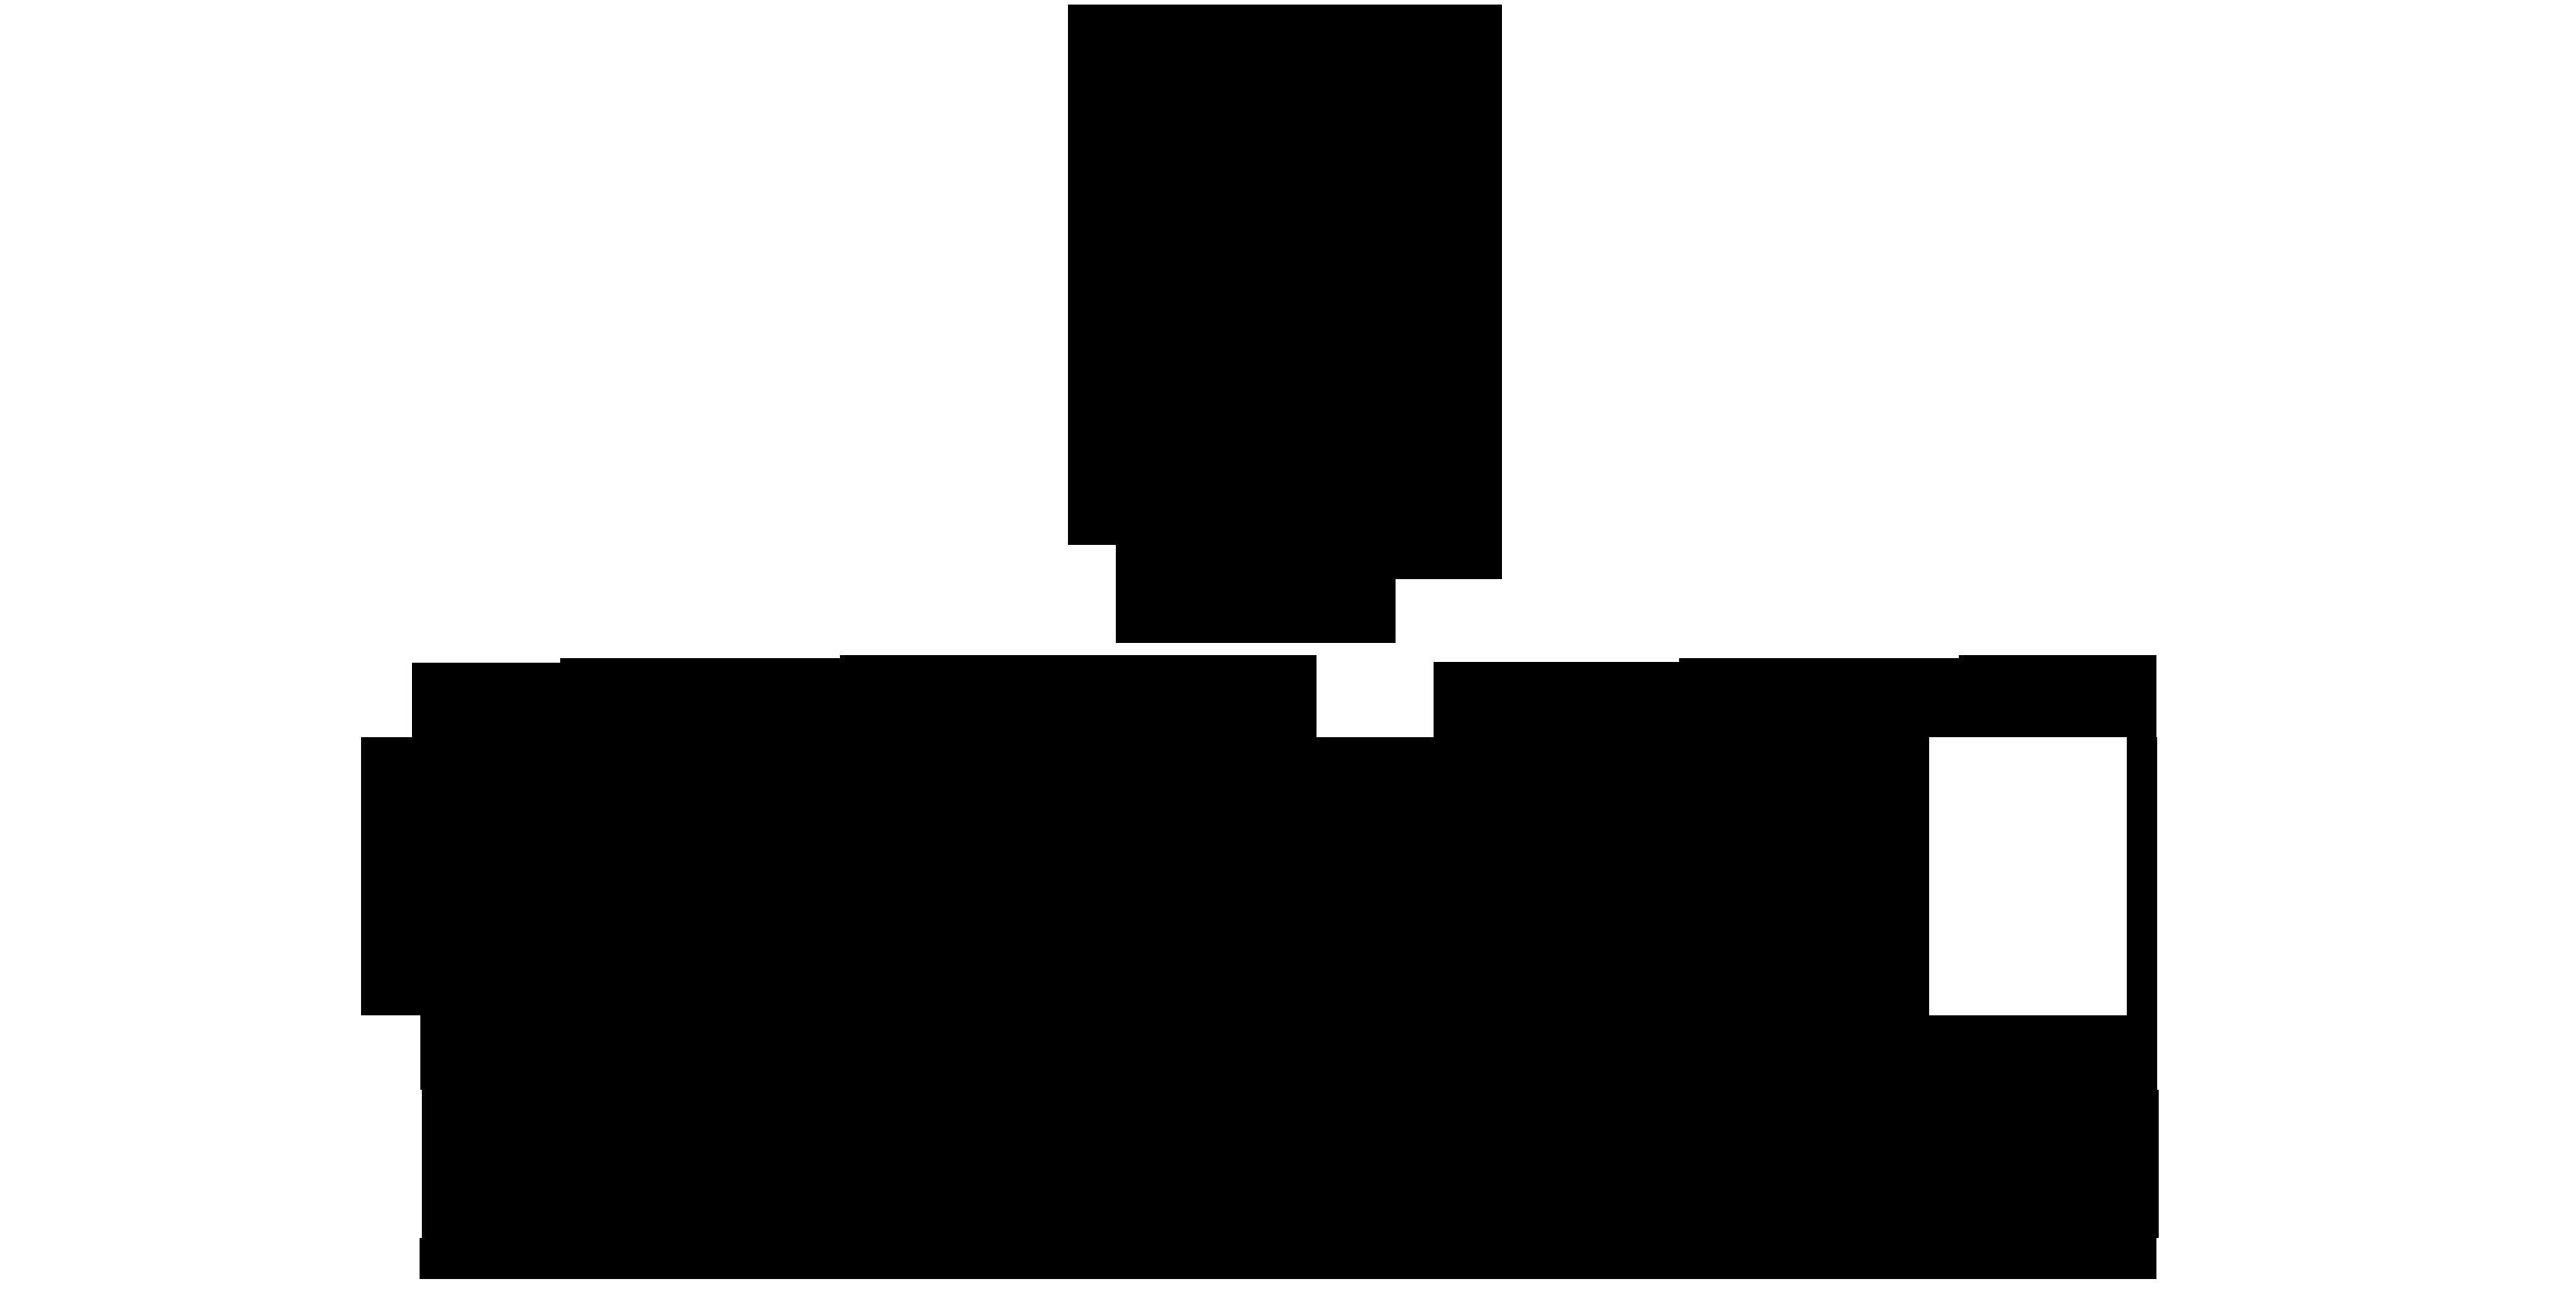 ESSEC1